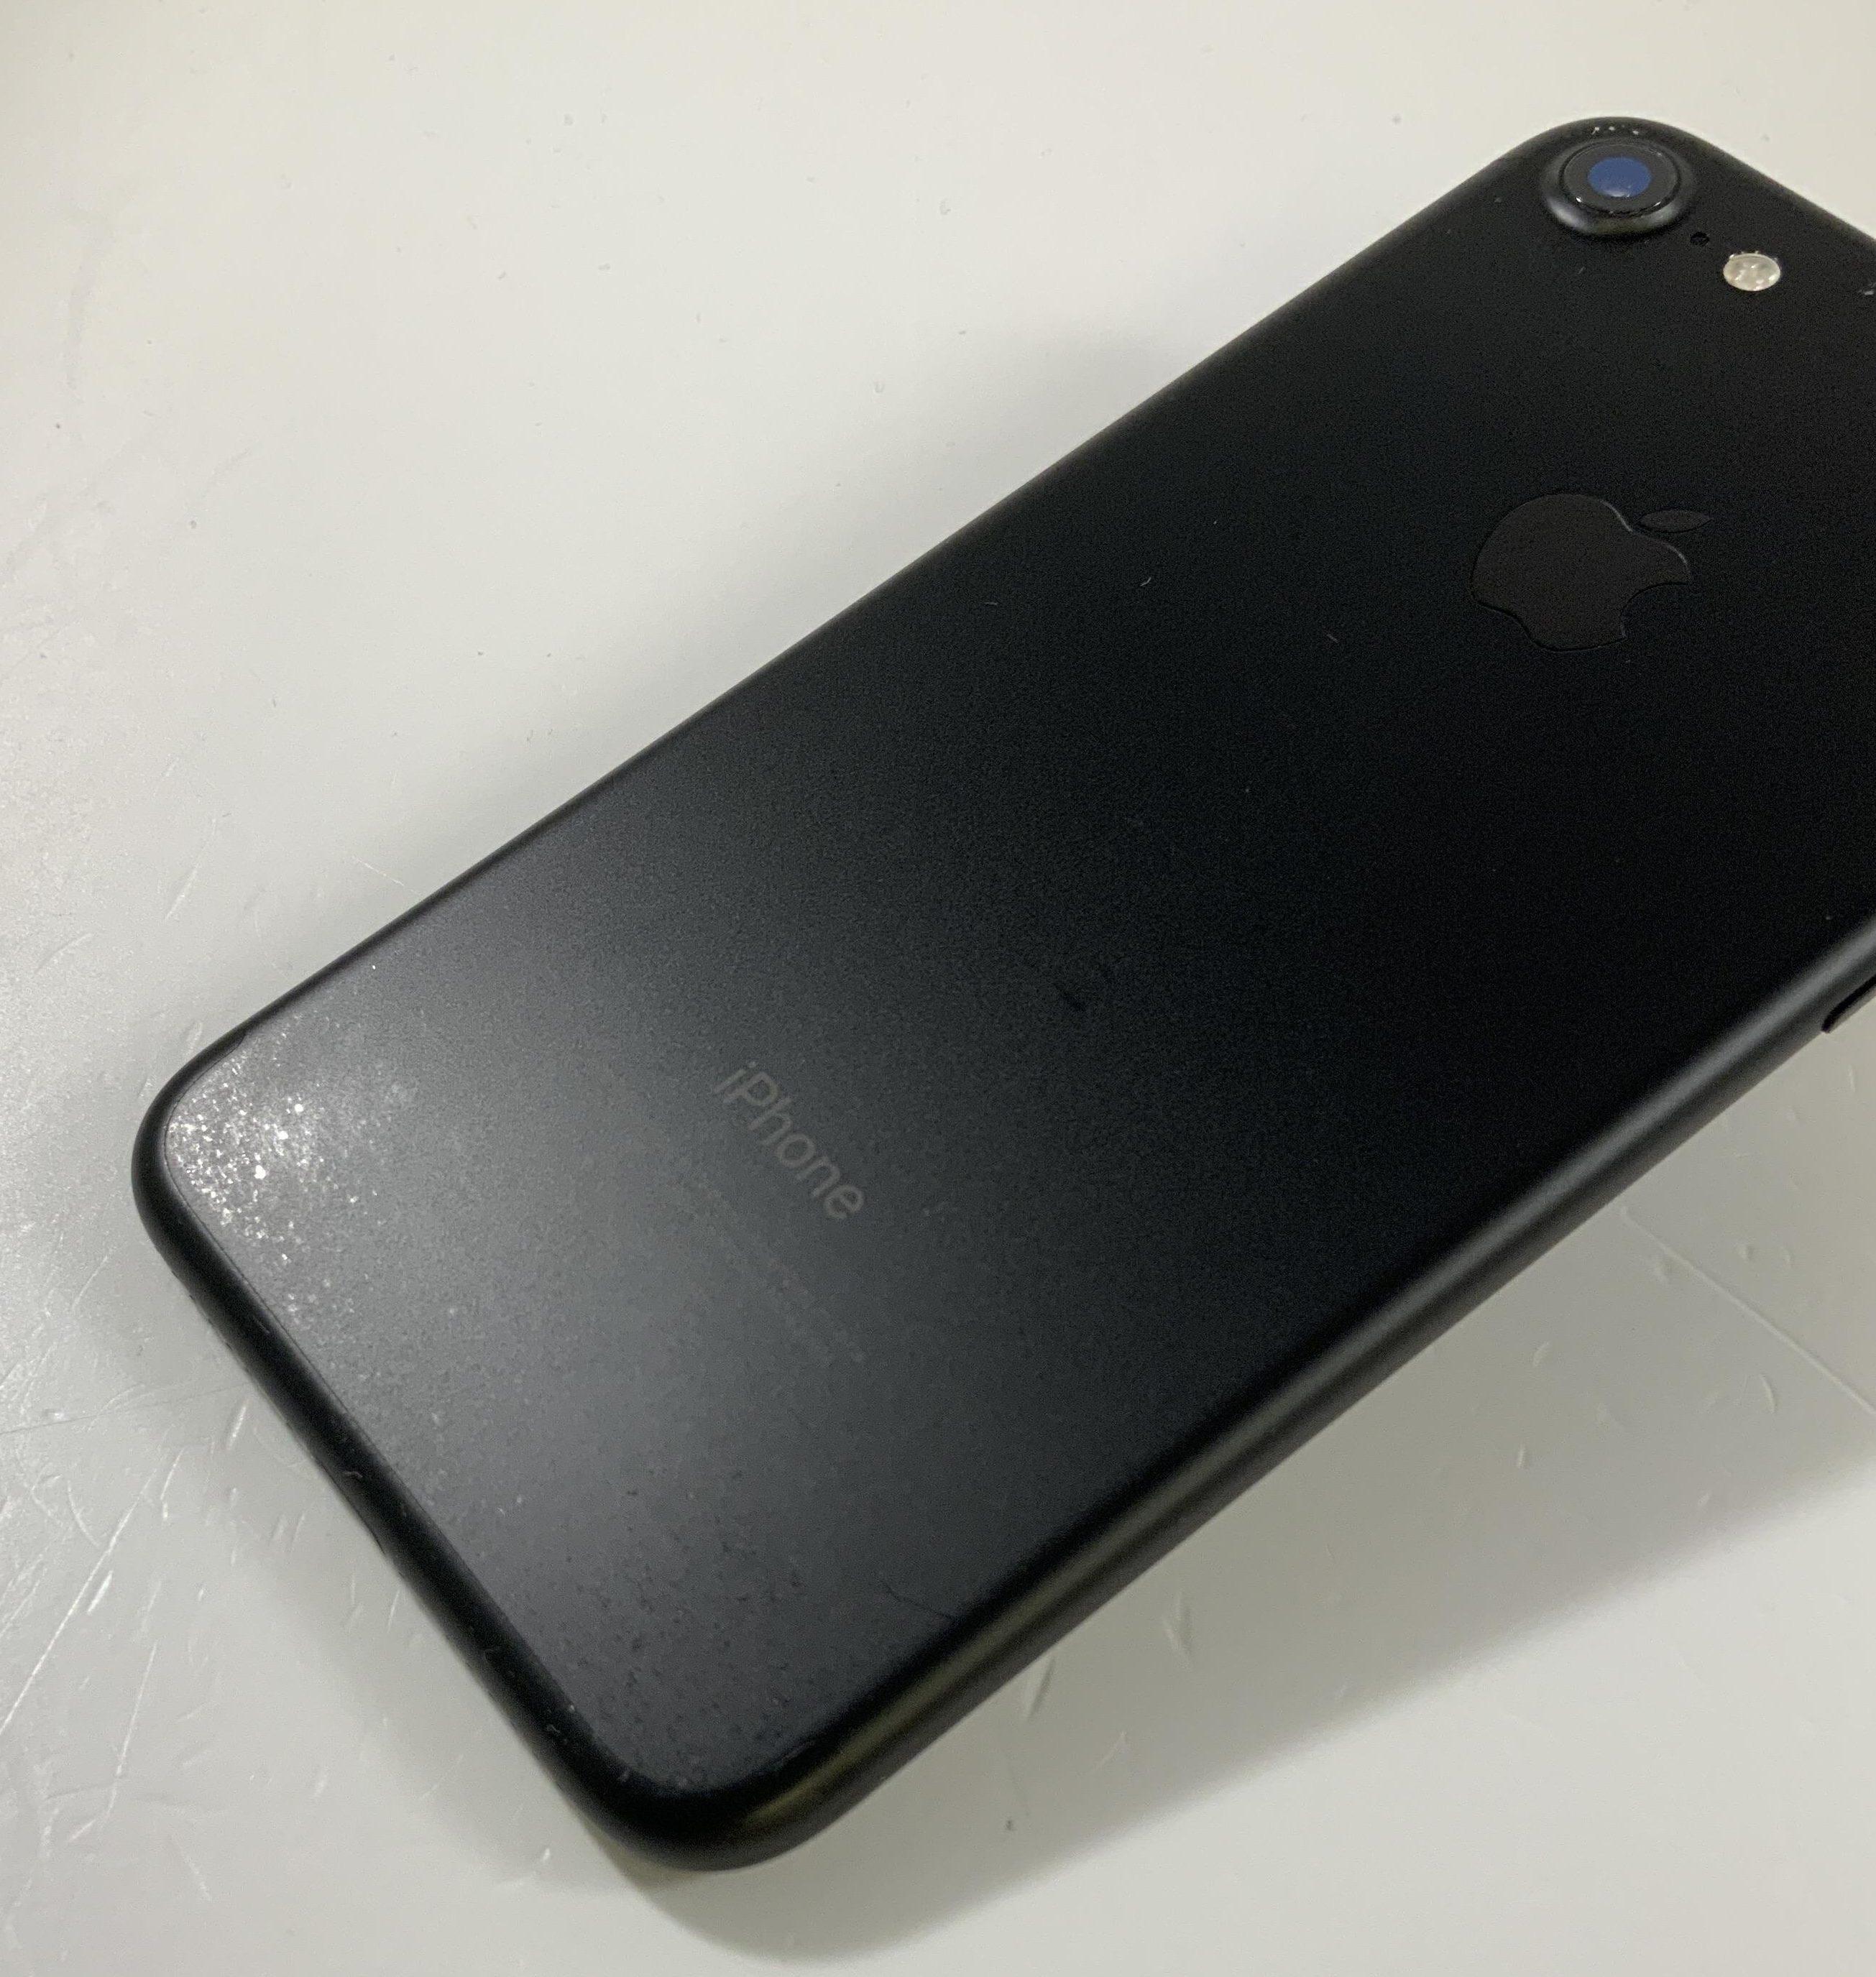 iPhone 7 32GB, 32GB, Black, image 6